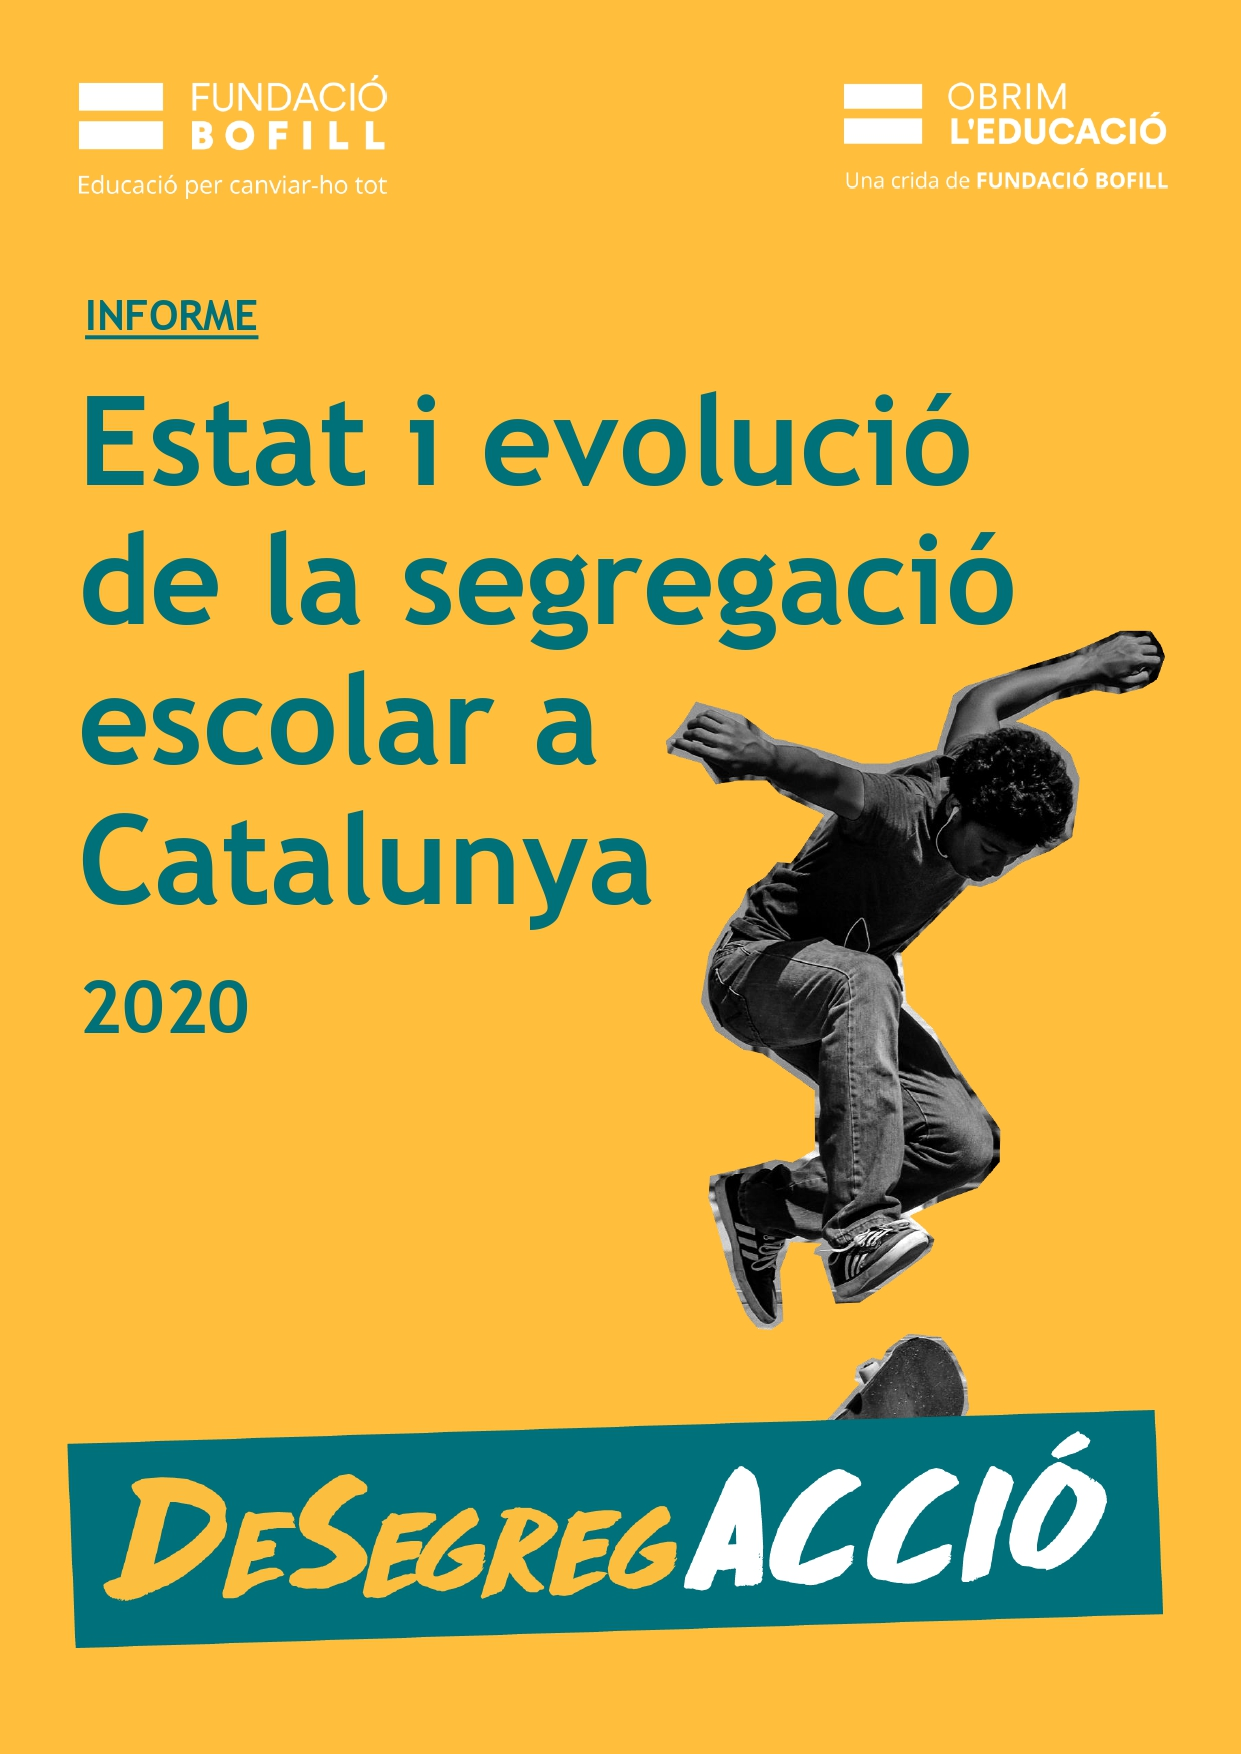 Informe - Estat i evolució de la segregació escolar a Catalunya